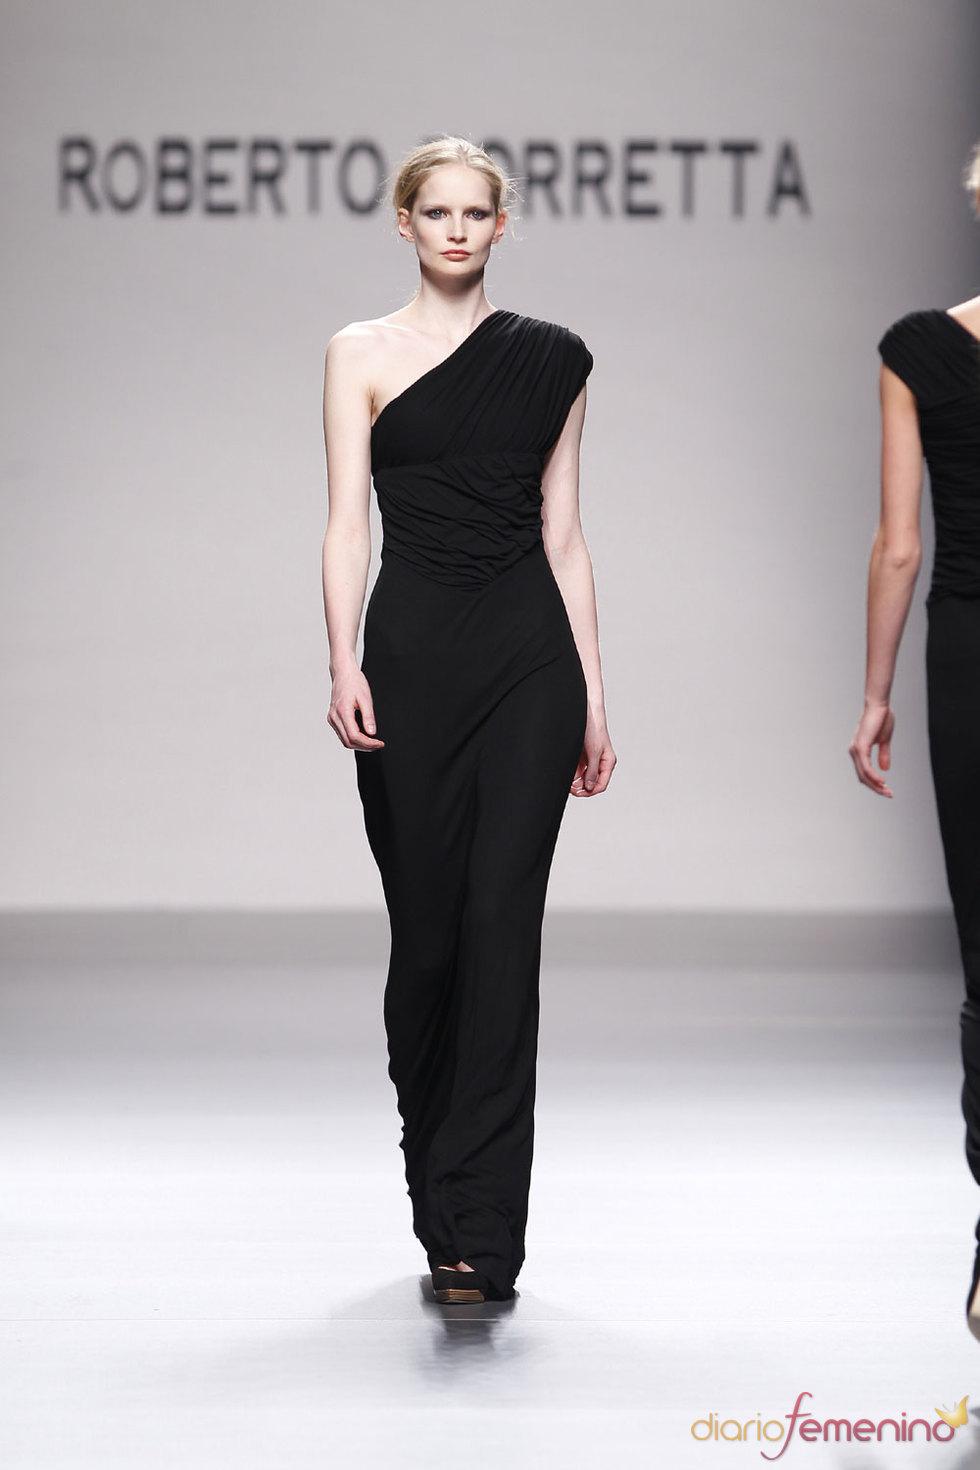 Vestido largo y elegante en negro de Roberto Torretta